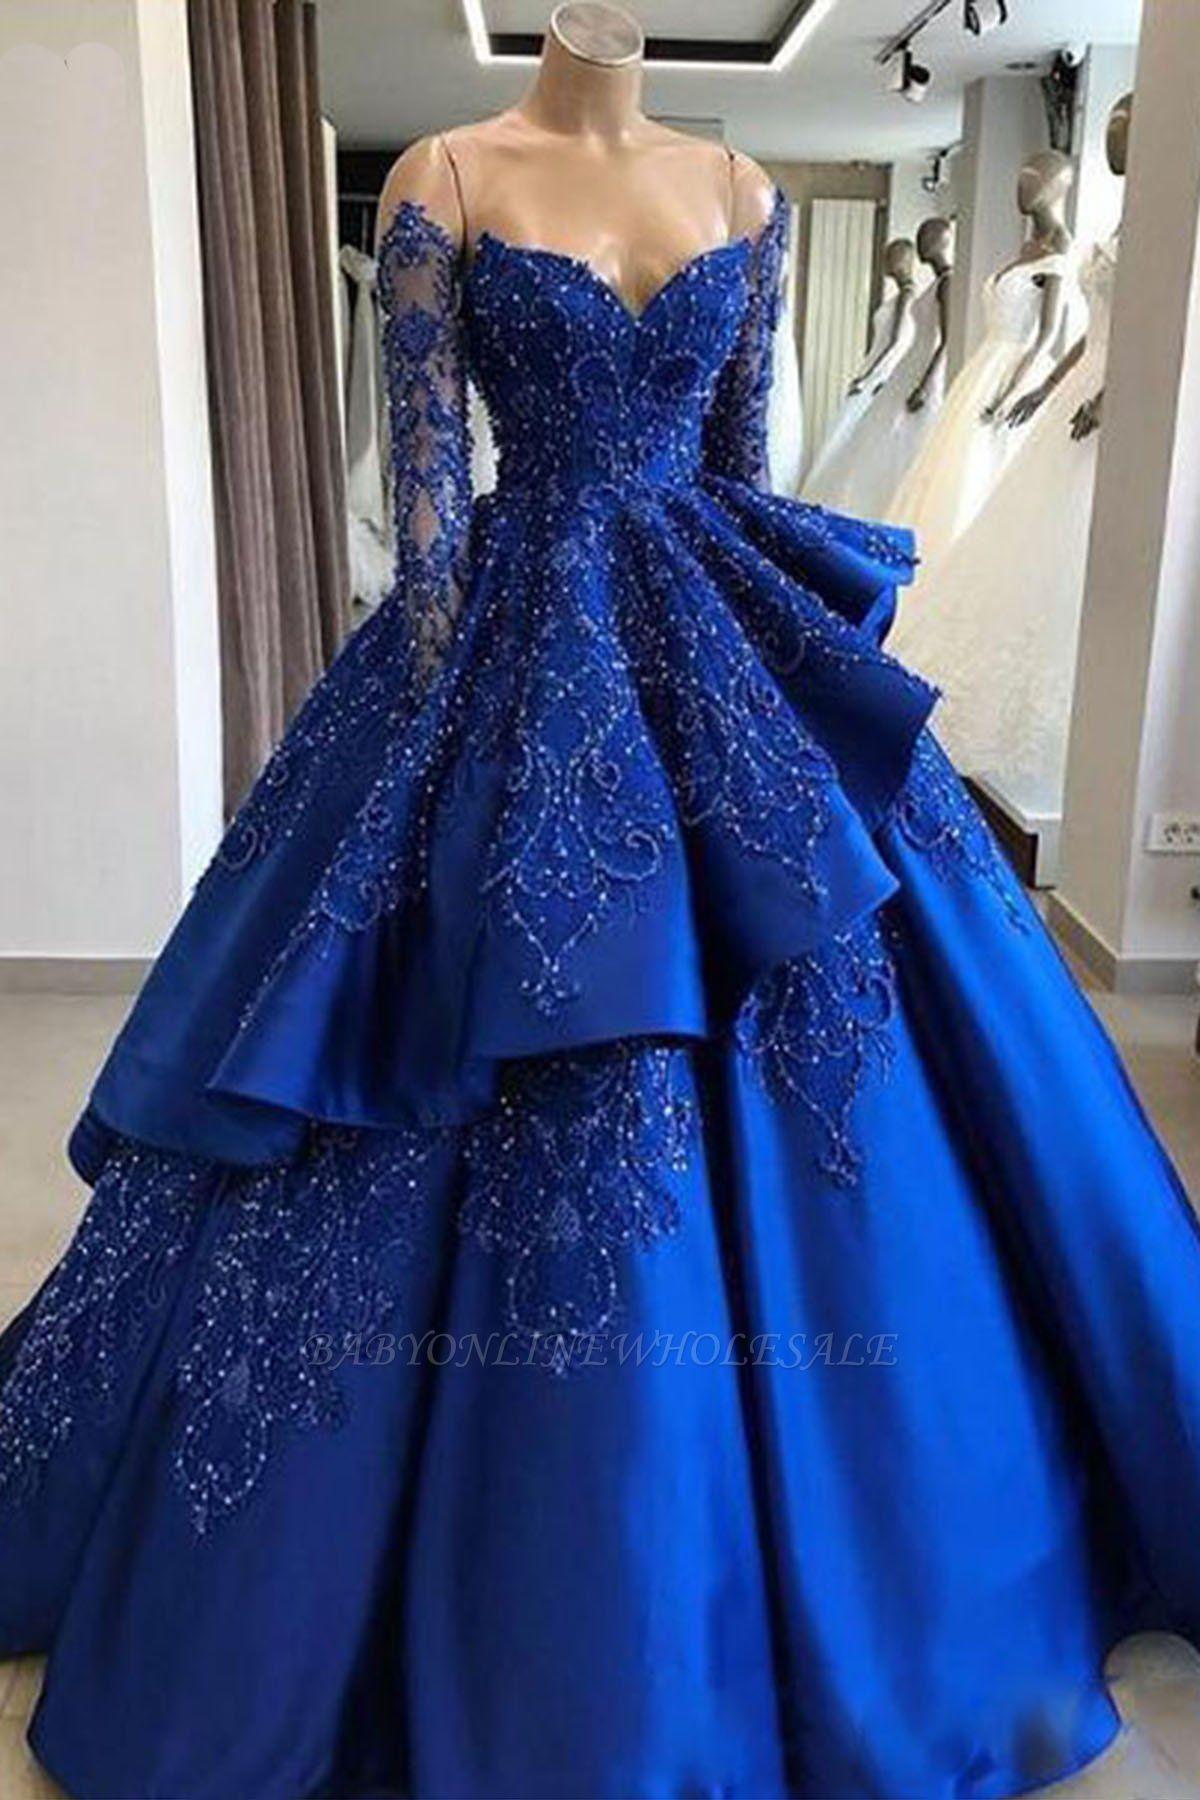 Magnifique robe de bal à volants en dentelle bleue royale   Bretelles perles chérie robes de Quinceanera